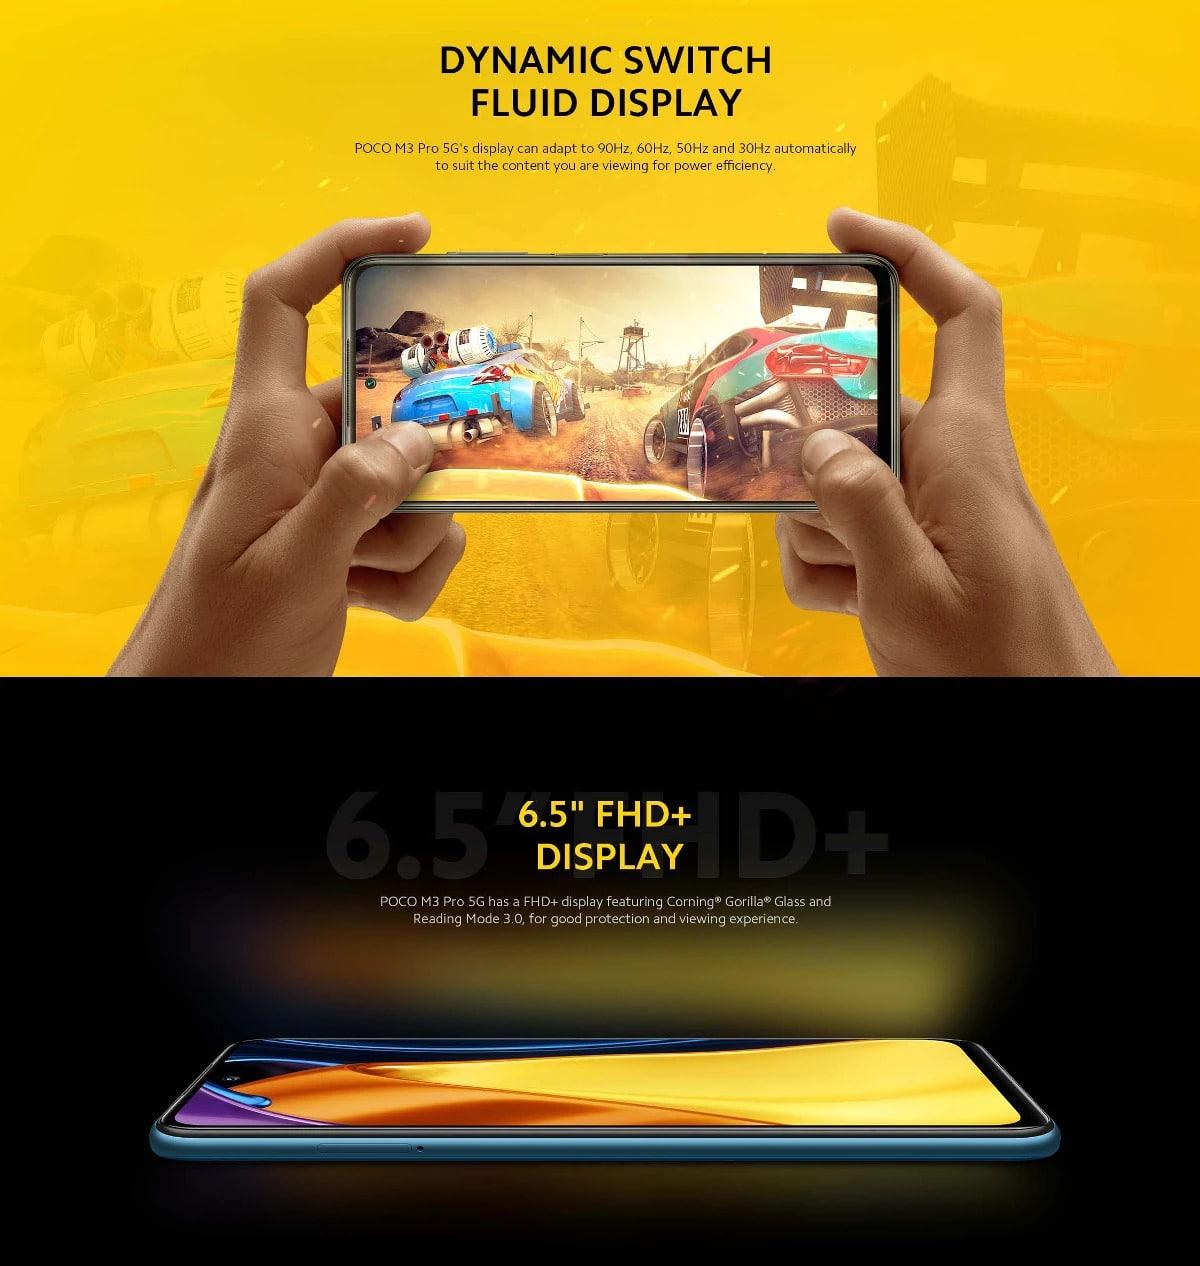 گوشی شیائومی مدل پوکو اِم 3 پرو 5 جی ظرفیت 4/128 گیگابایت